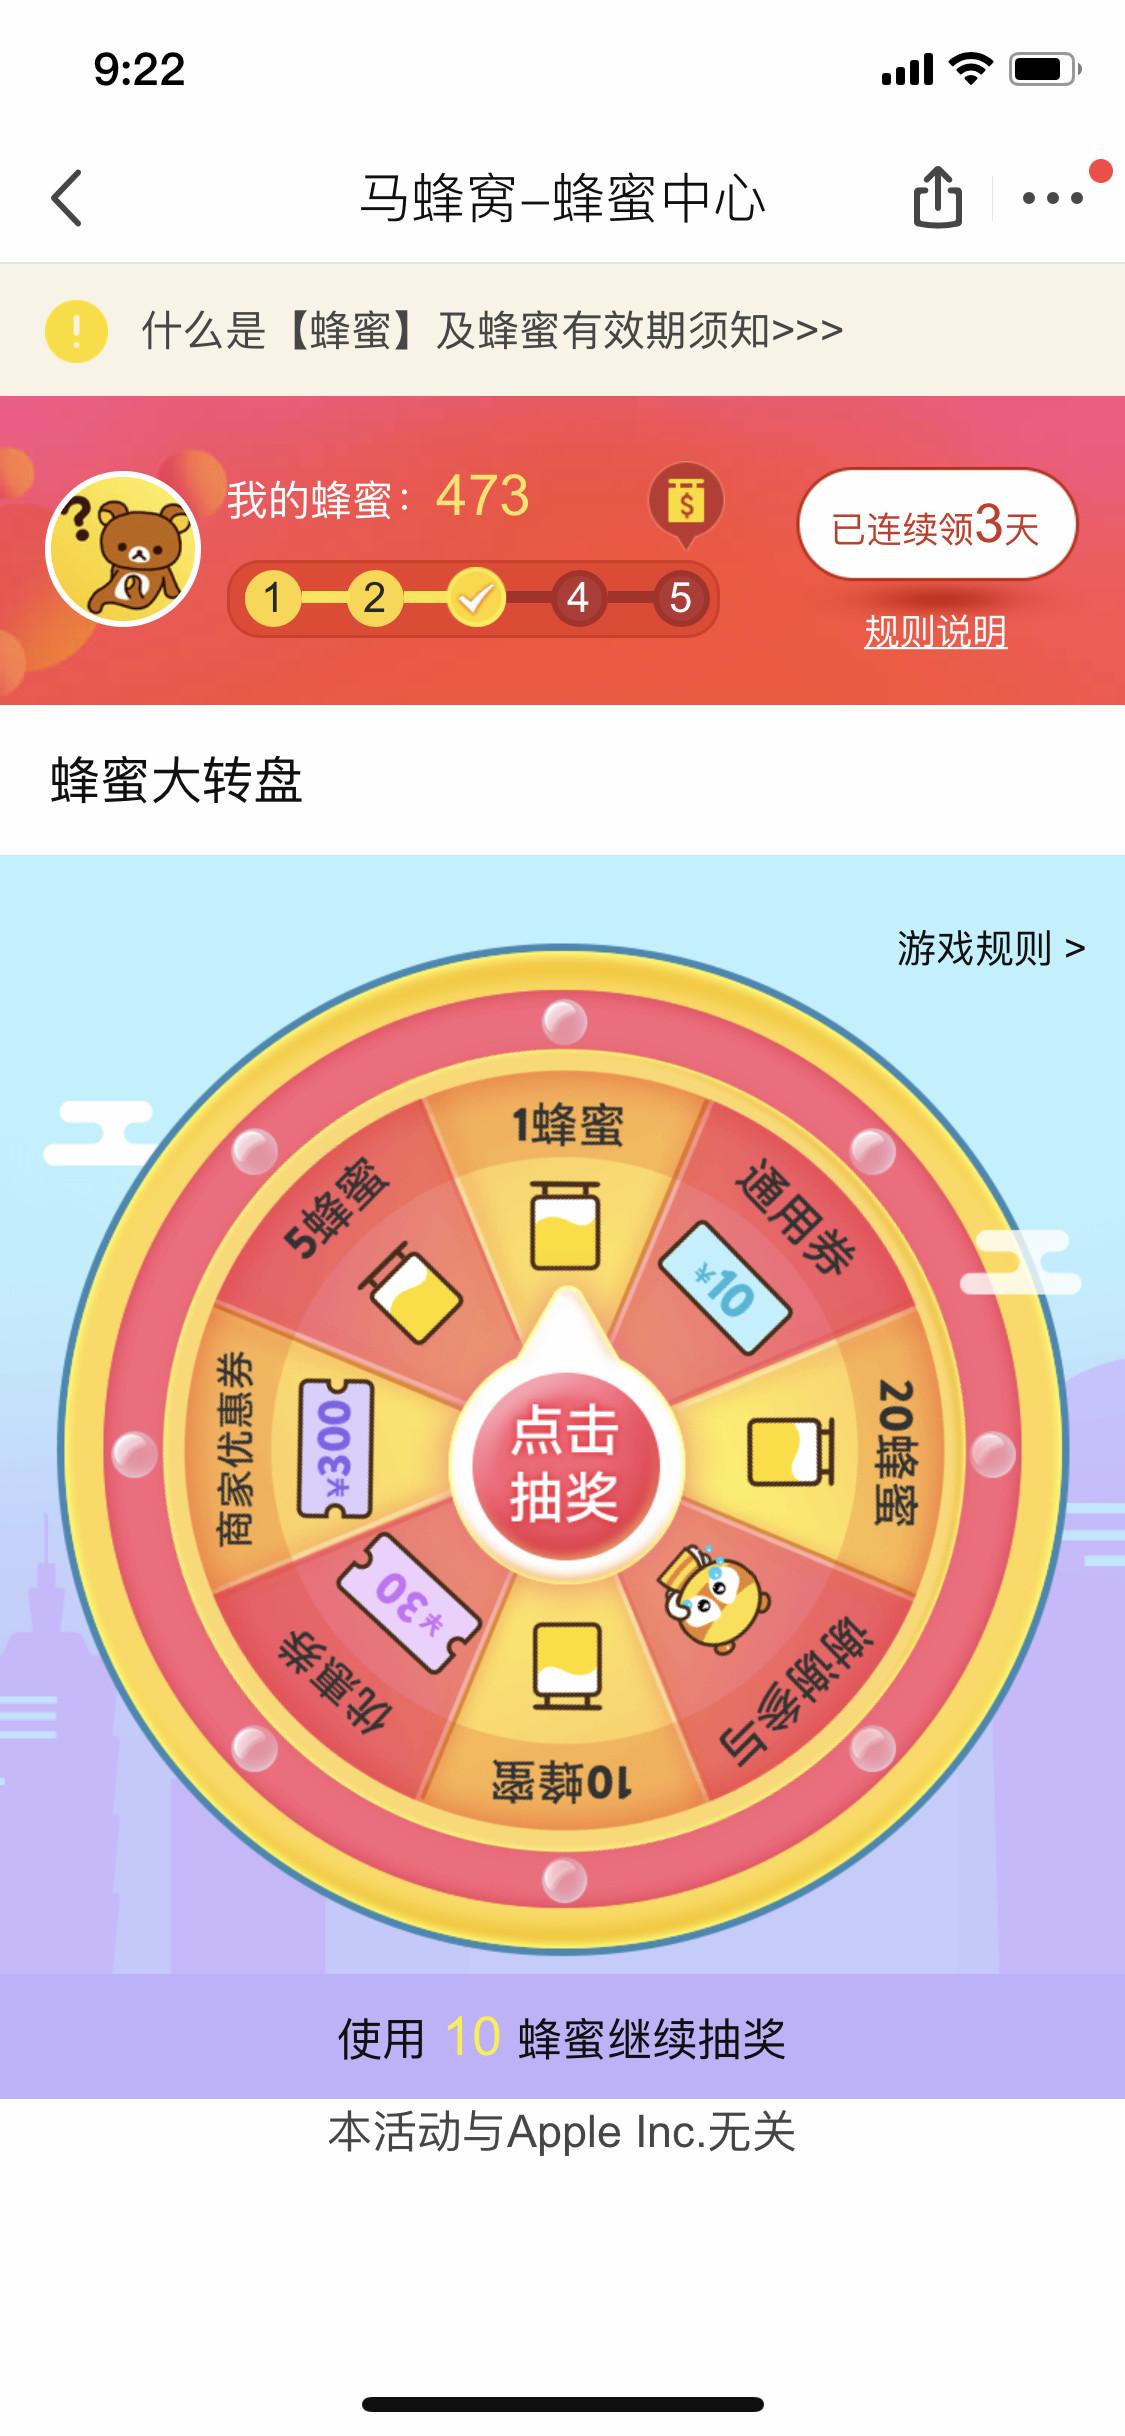 【吾日三省產品】vol.13如何設計適合產品的簽到功能,提升用戶活躍